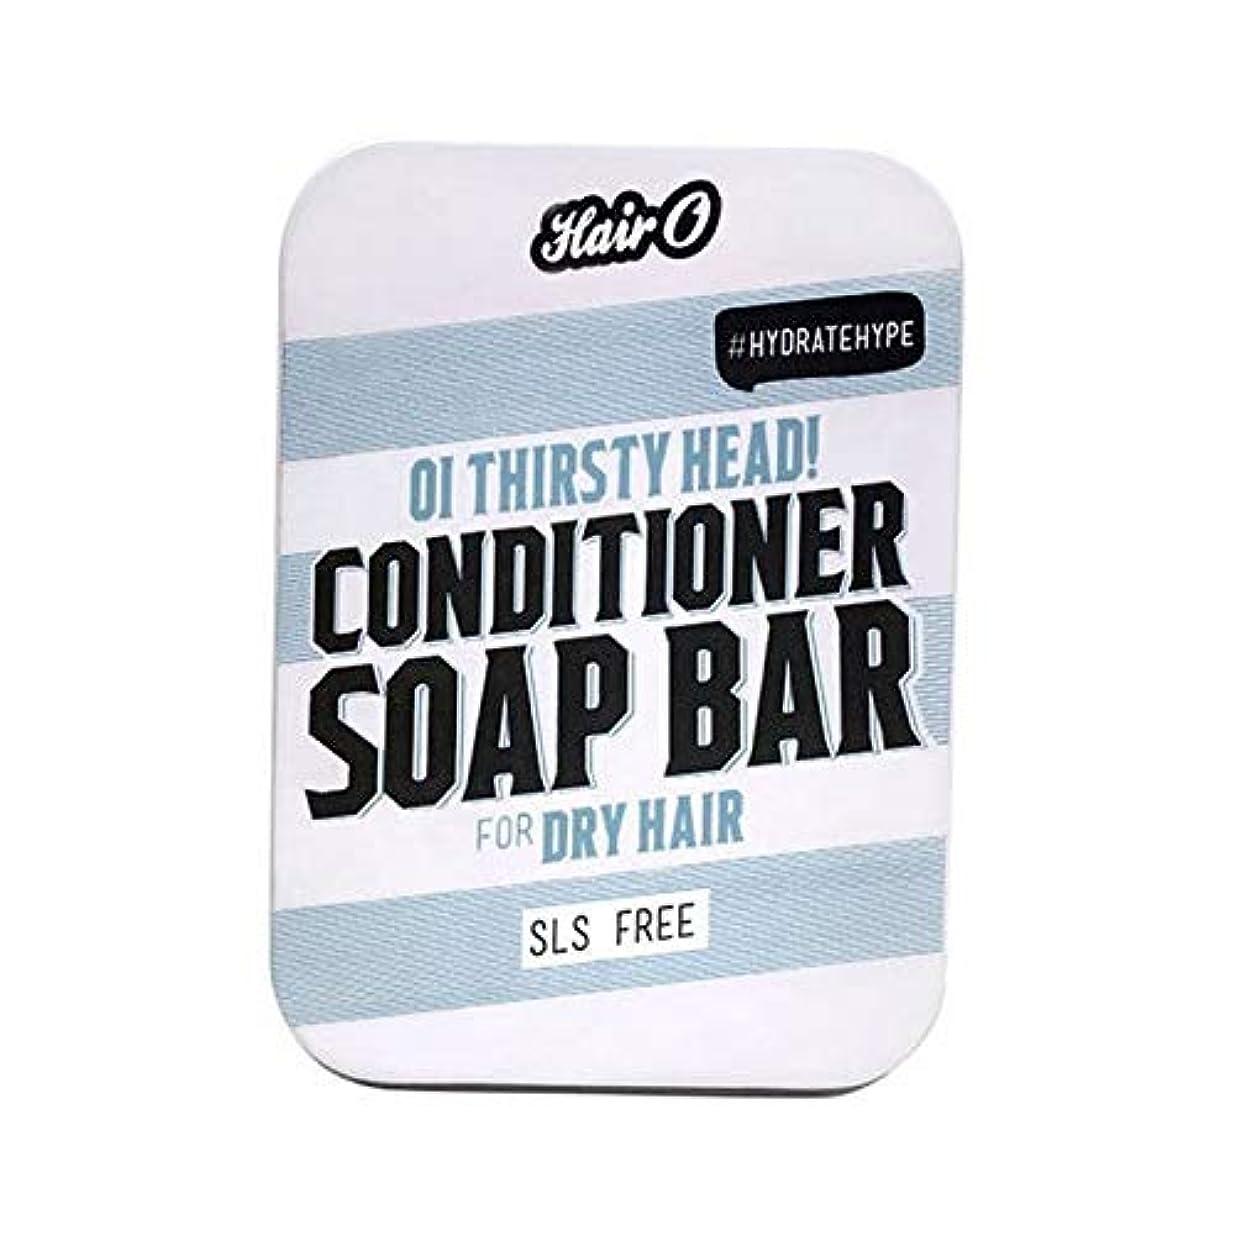 戦術リラックス苦い[Hair O ] 大井のどが渇いヘッドコンディショナーソープバー100グラムO毛 - Hair O Oi Thirsty Head Conditioner Soap Bar 100g [並行輸入品]